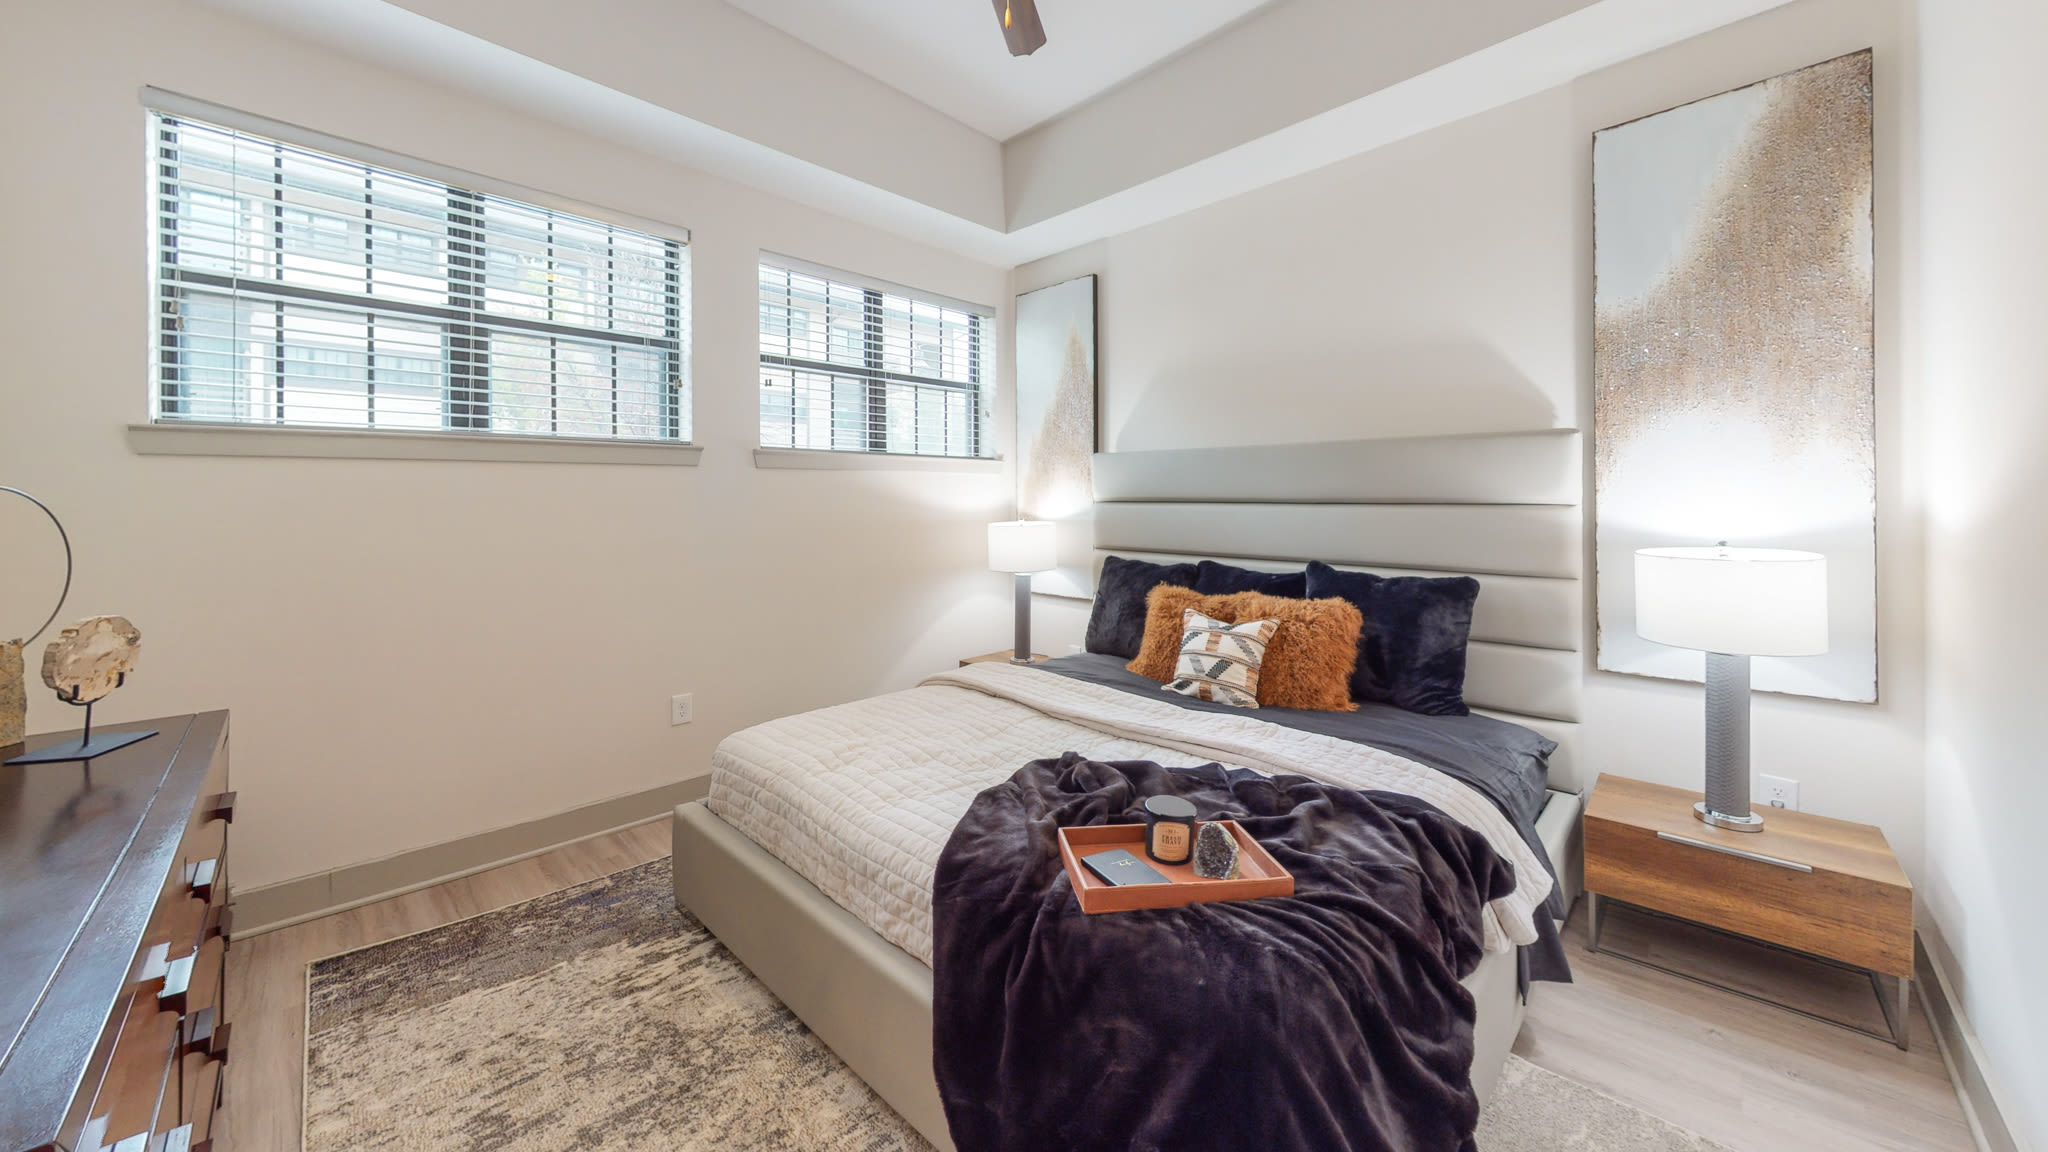 Cozy furnished bedroom  at Bellrock Bishop Arts in Dallas, Texas